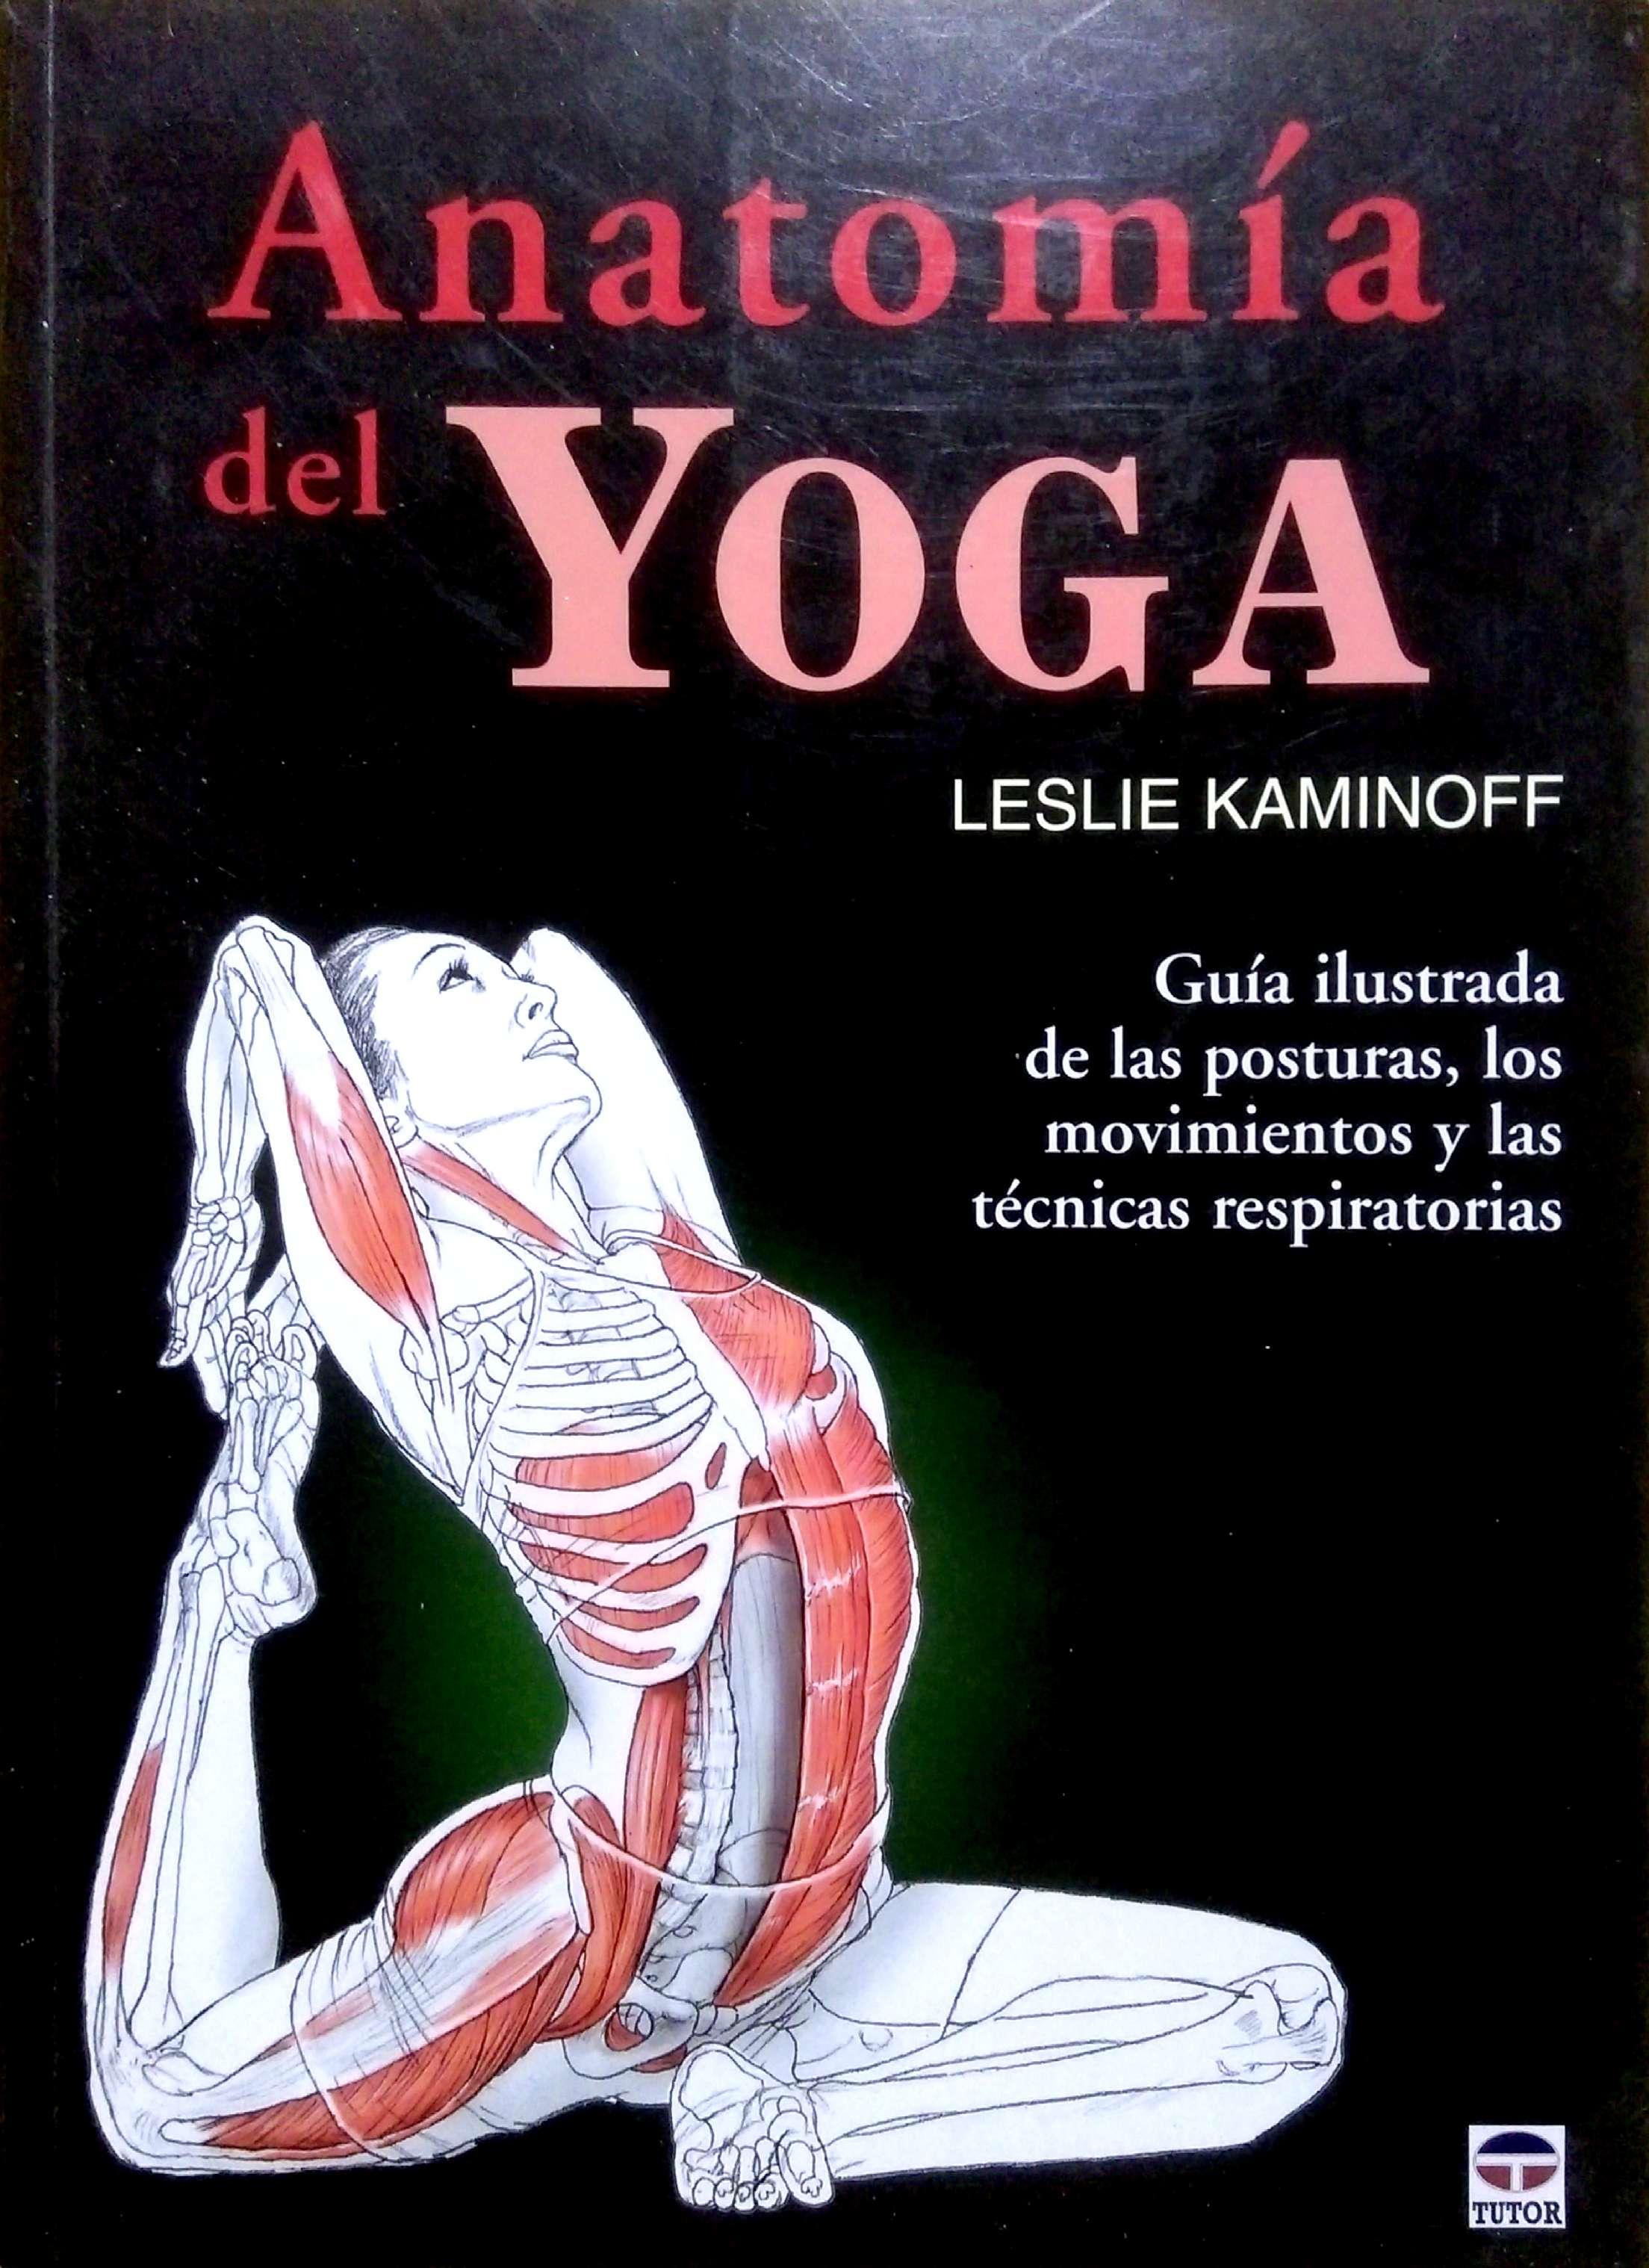 Anatomia del Yoga. Leslie Kaminoff en almayogavida.com